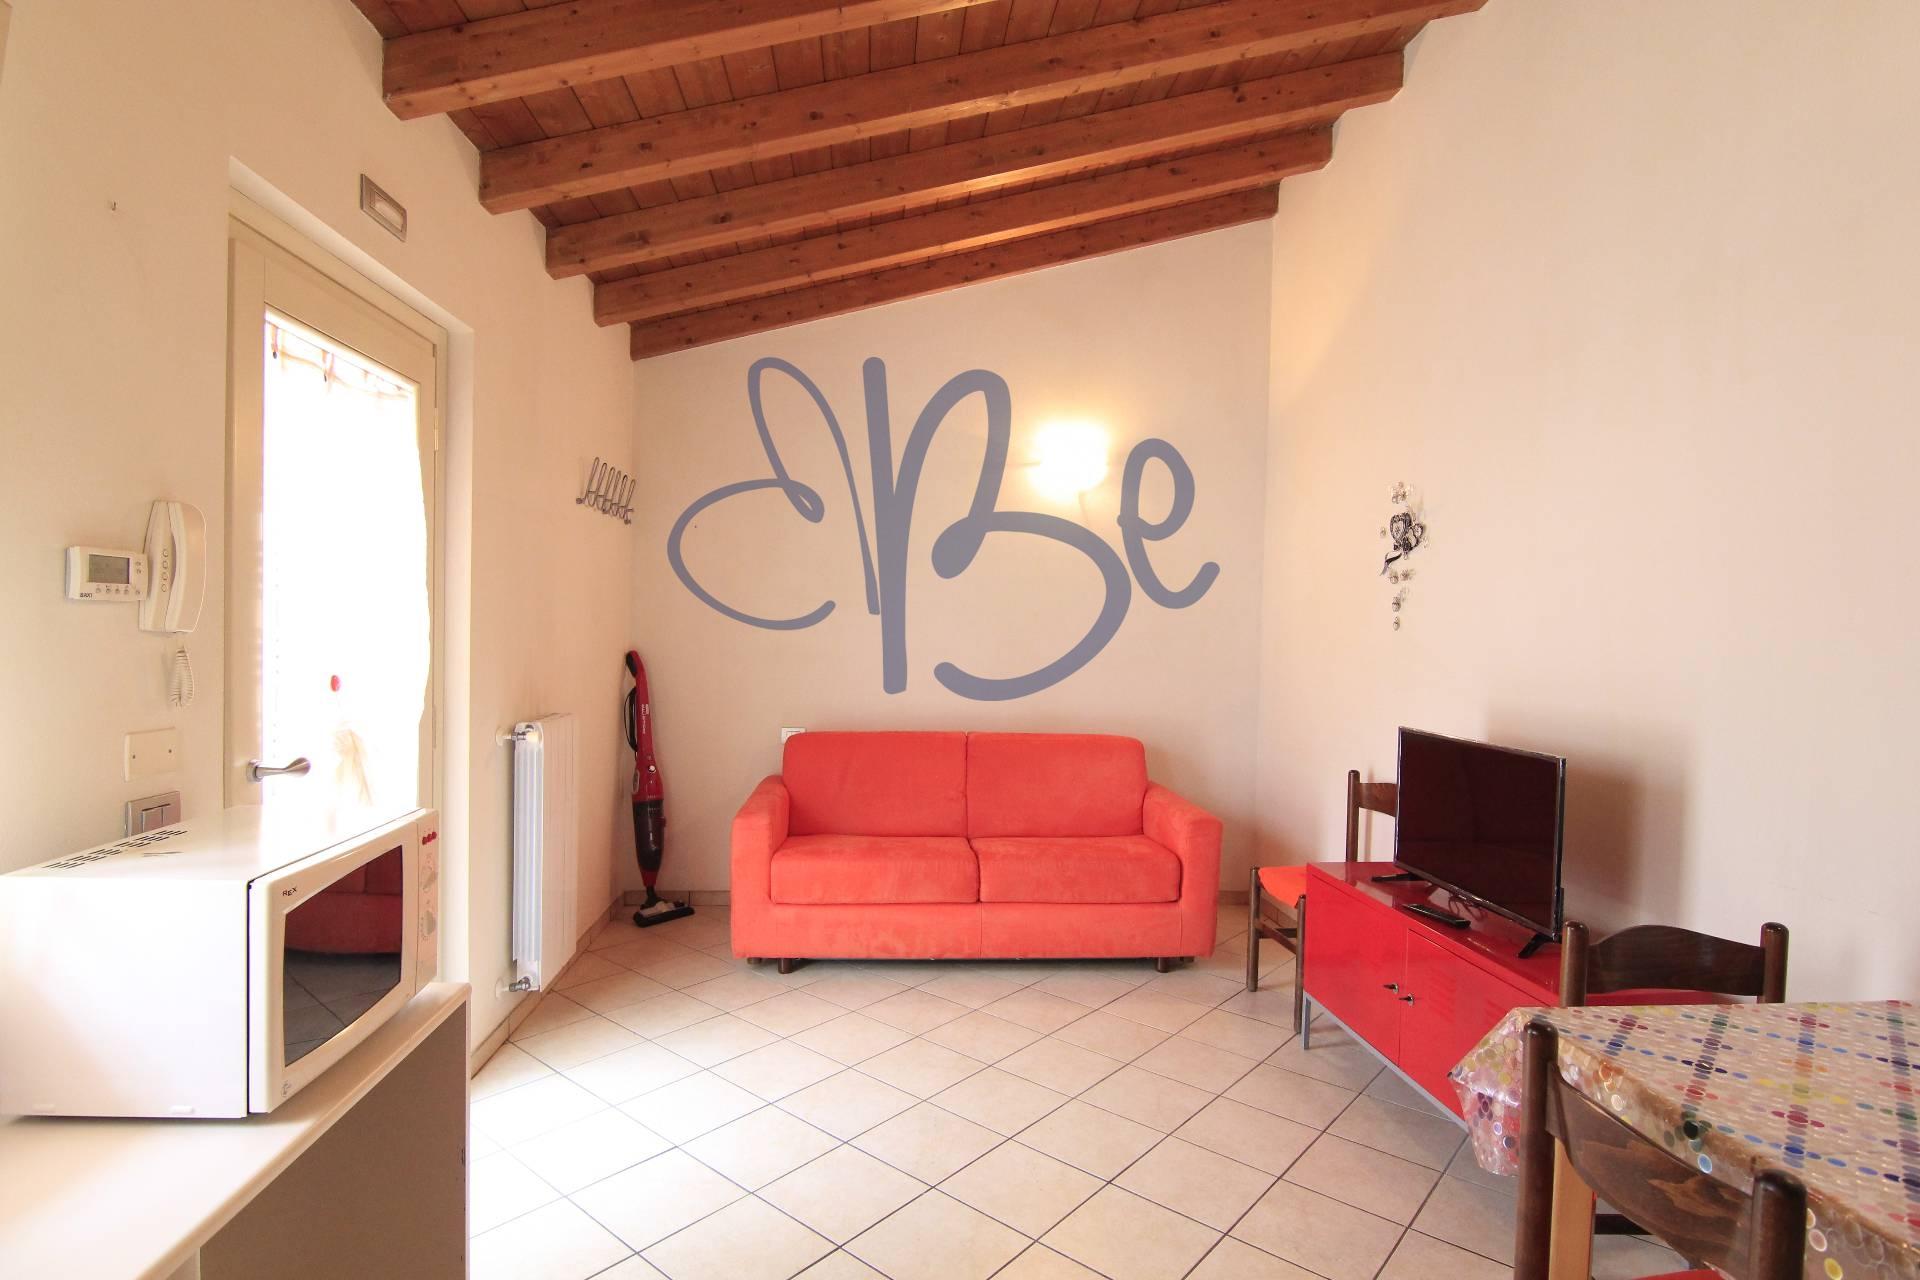 Appartamento in affitto a Toscolano-Maderno, 2 locali, zona Zona: Maderno, Trattative riservate | Cambio Casa.it